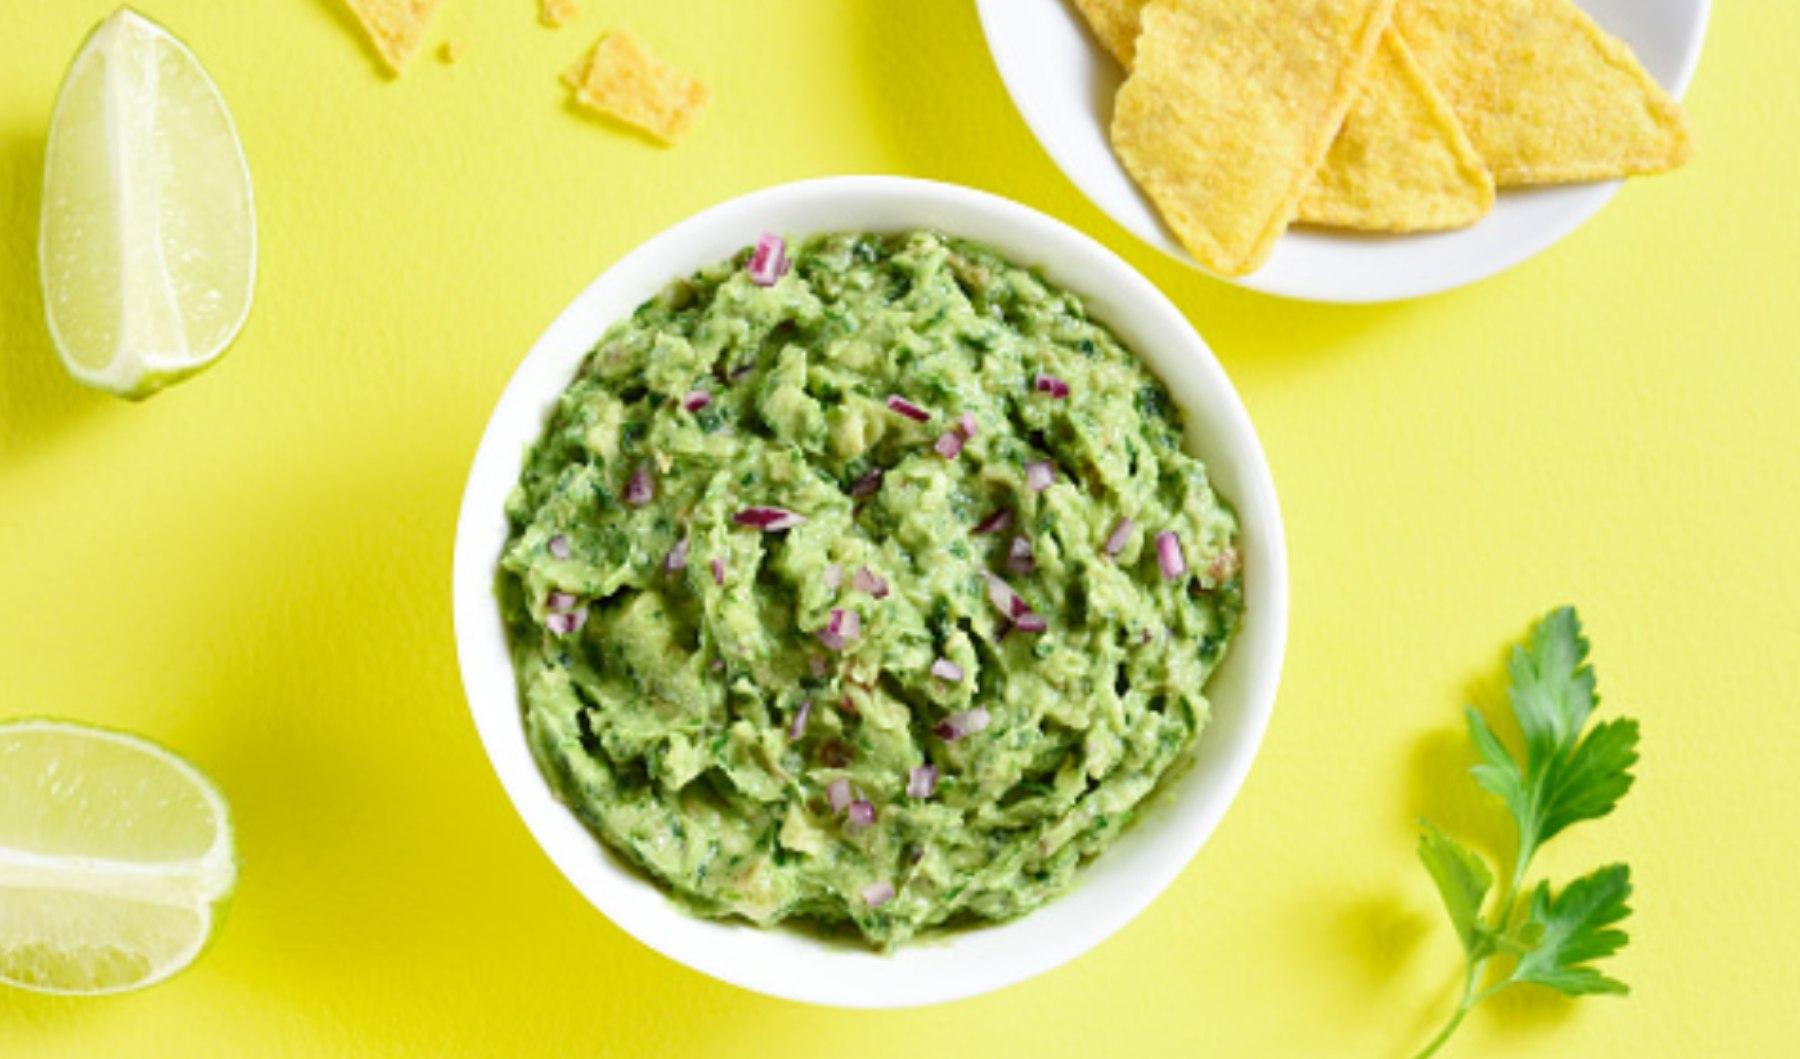 Día mundial del guacamole: 5 recetas originales para celebrarlo